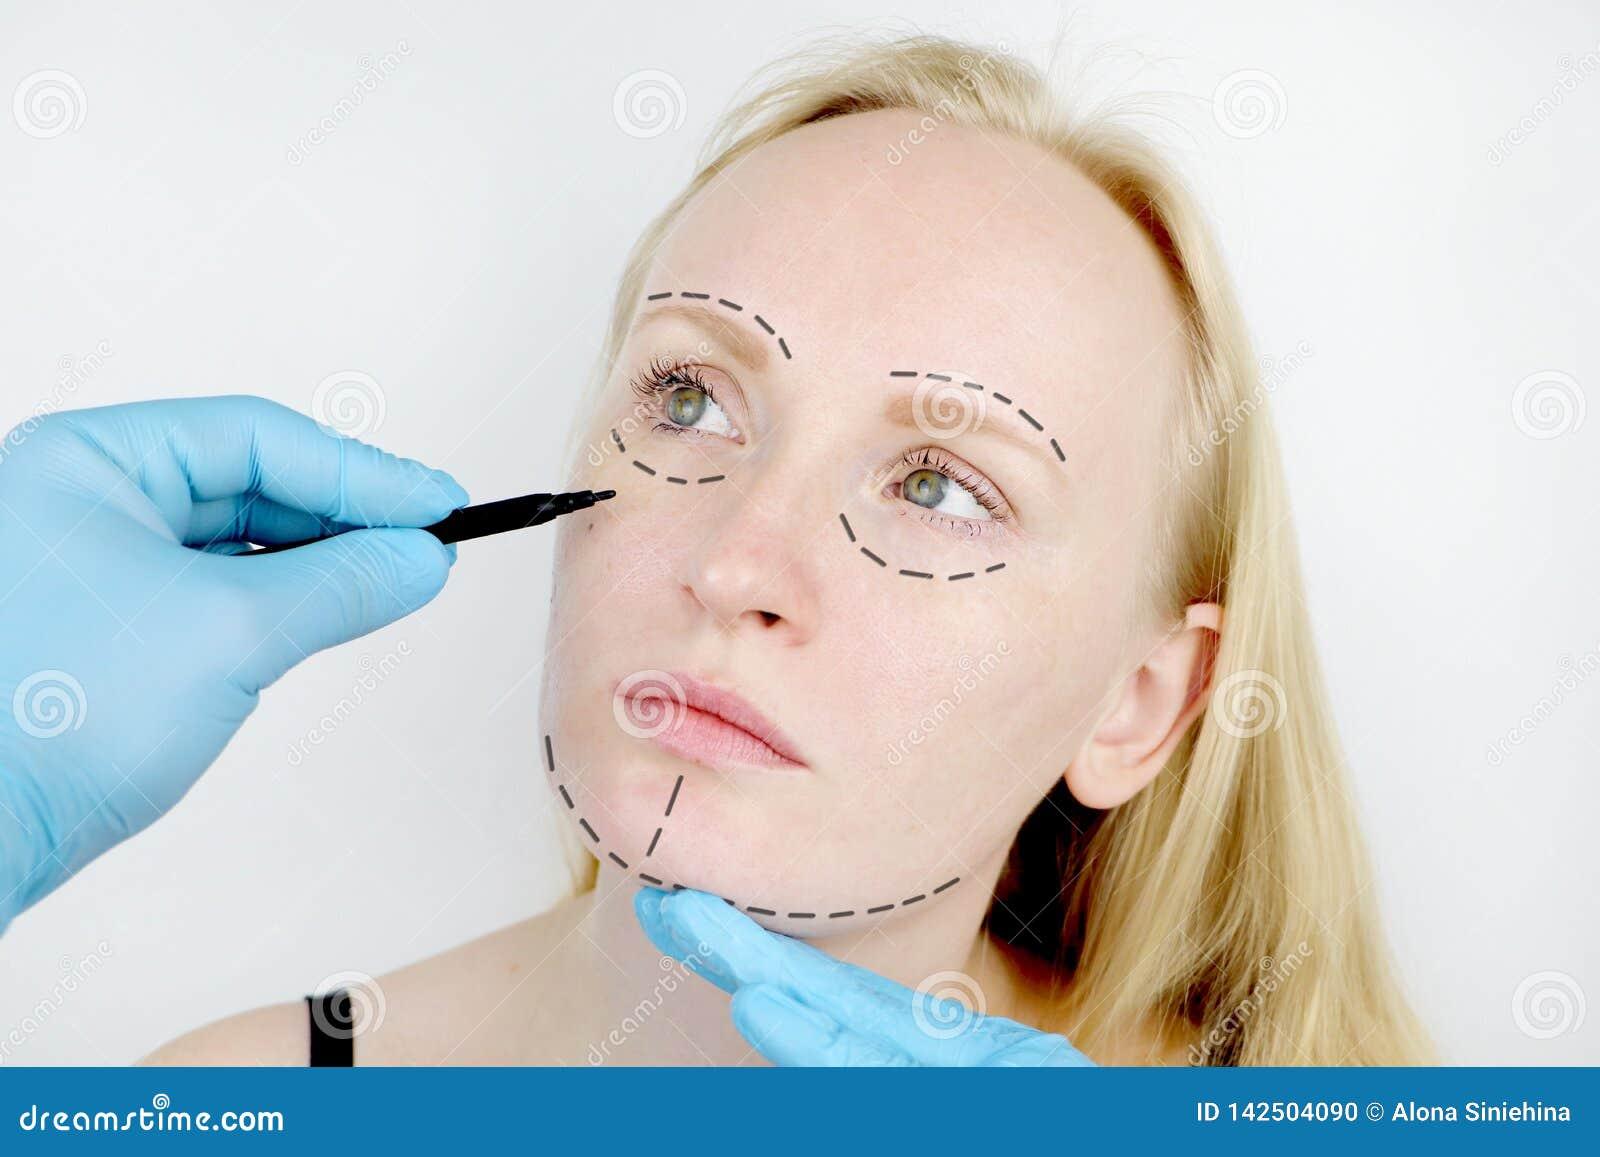 Του προσώπου πλαστική χειρουργική ή λίφτινγκ, λίφτινγκ, διόρθωση προσώπου Ένας πλαστικός χειρούργος εξετάζει έναν ασθενή πριν από